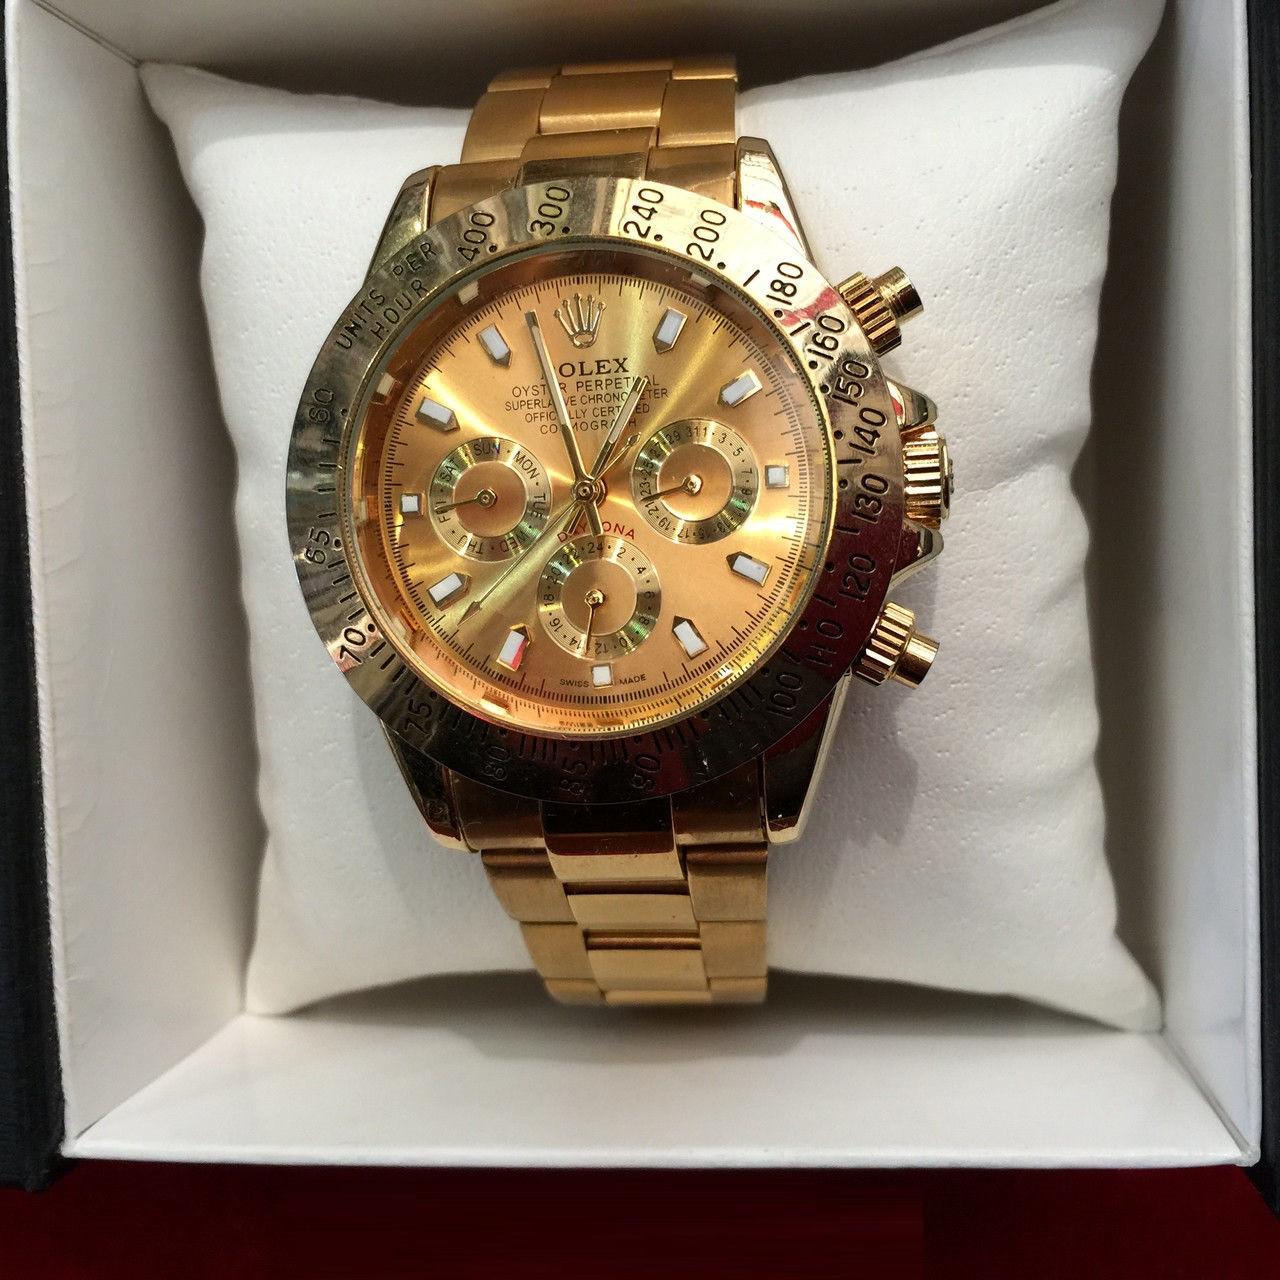 326ec383ac83 Наручные часы Rolex Daytona Gold,женские наручные часы, мужские, часы  Ролекс, эксклюзив